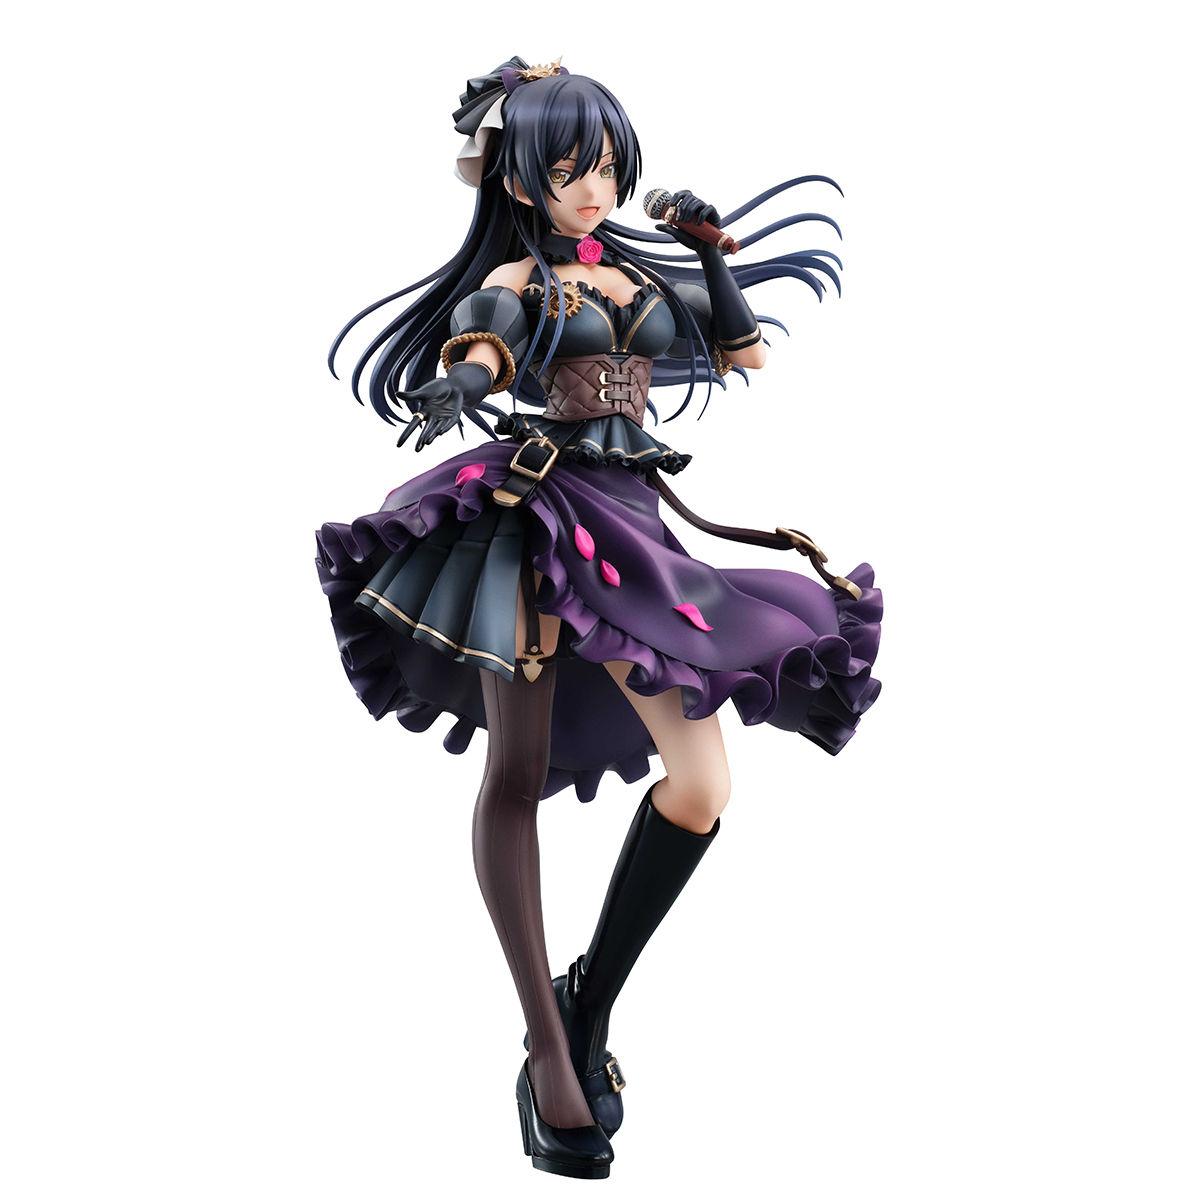 ブリリアントステージ『白瀬咲耶』アイドルマスター シャイニーカラーズ 完成品フィギュア-003